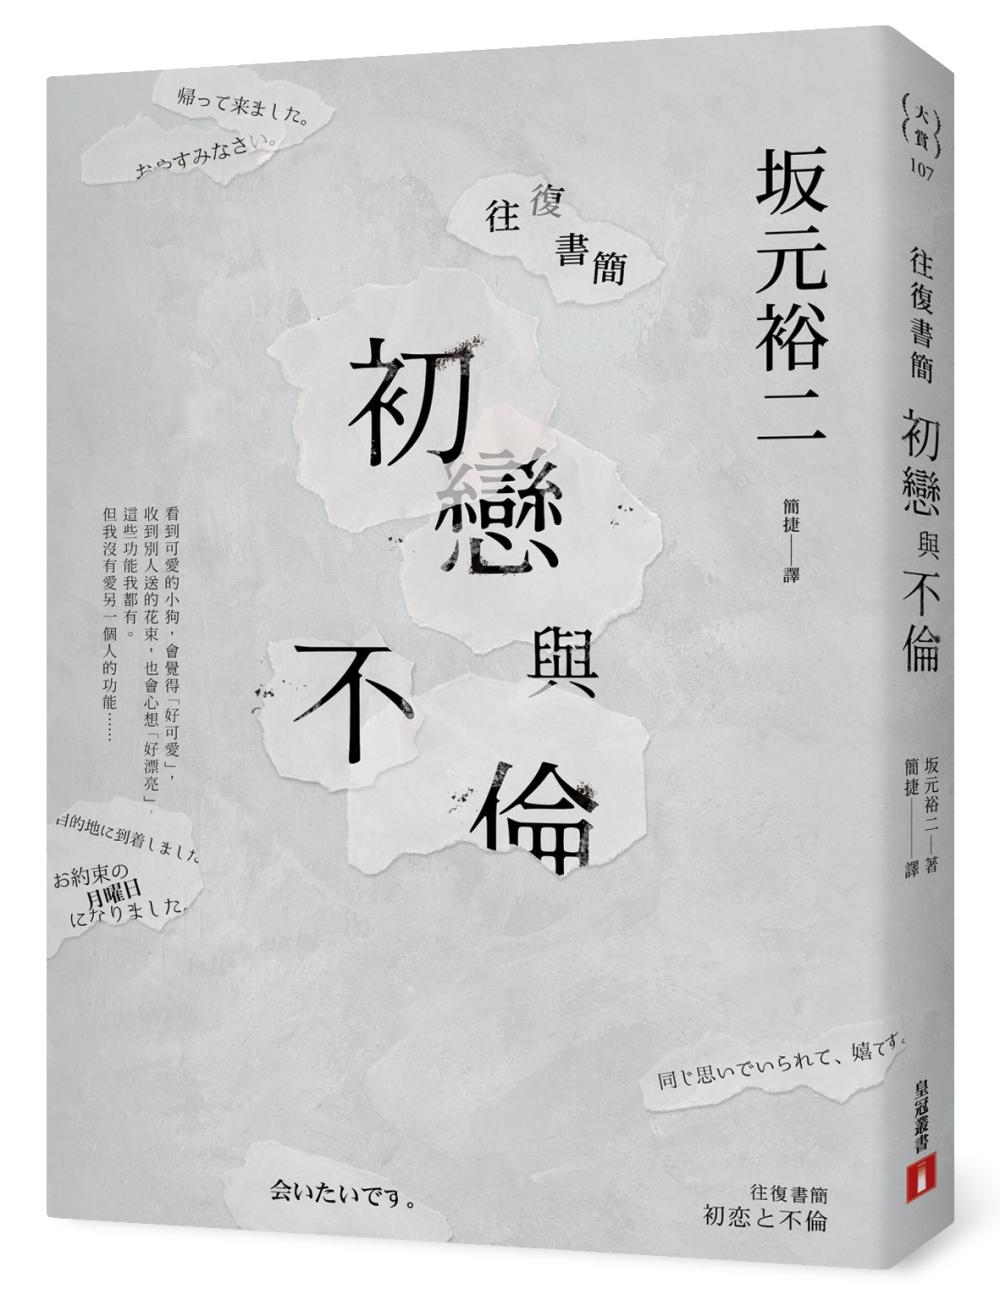 往復書簡 初戀與不倫【限量發售 坂元裕二親筆簽名書】